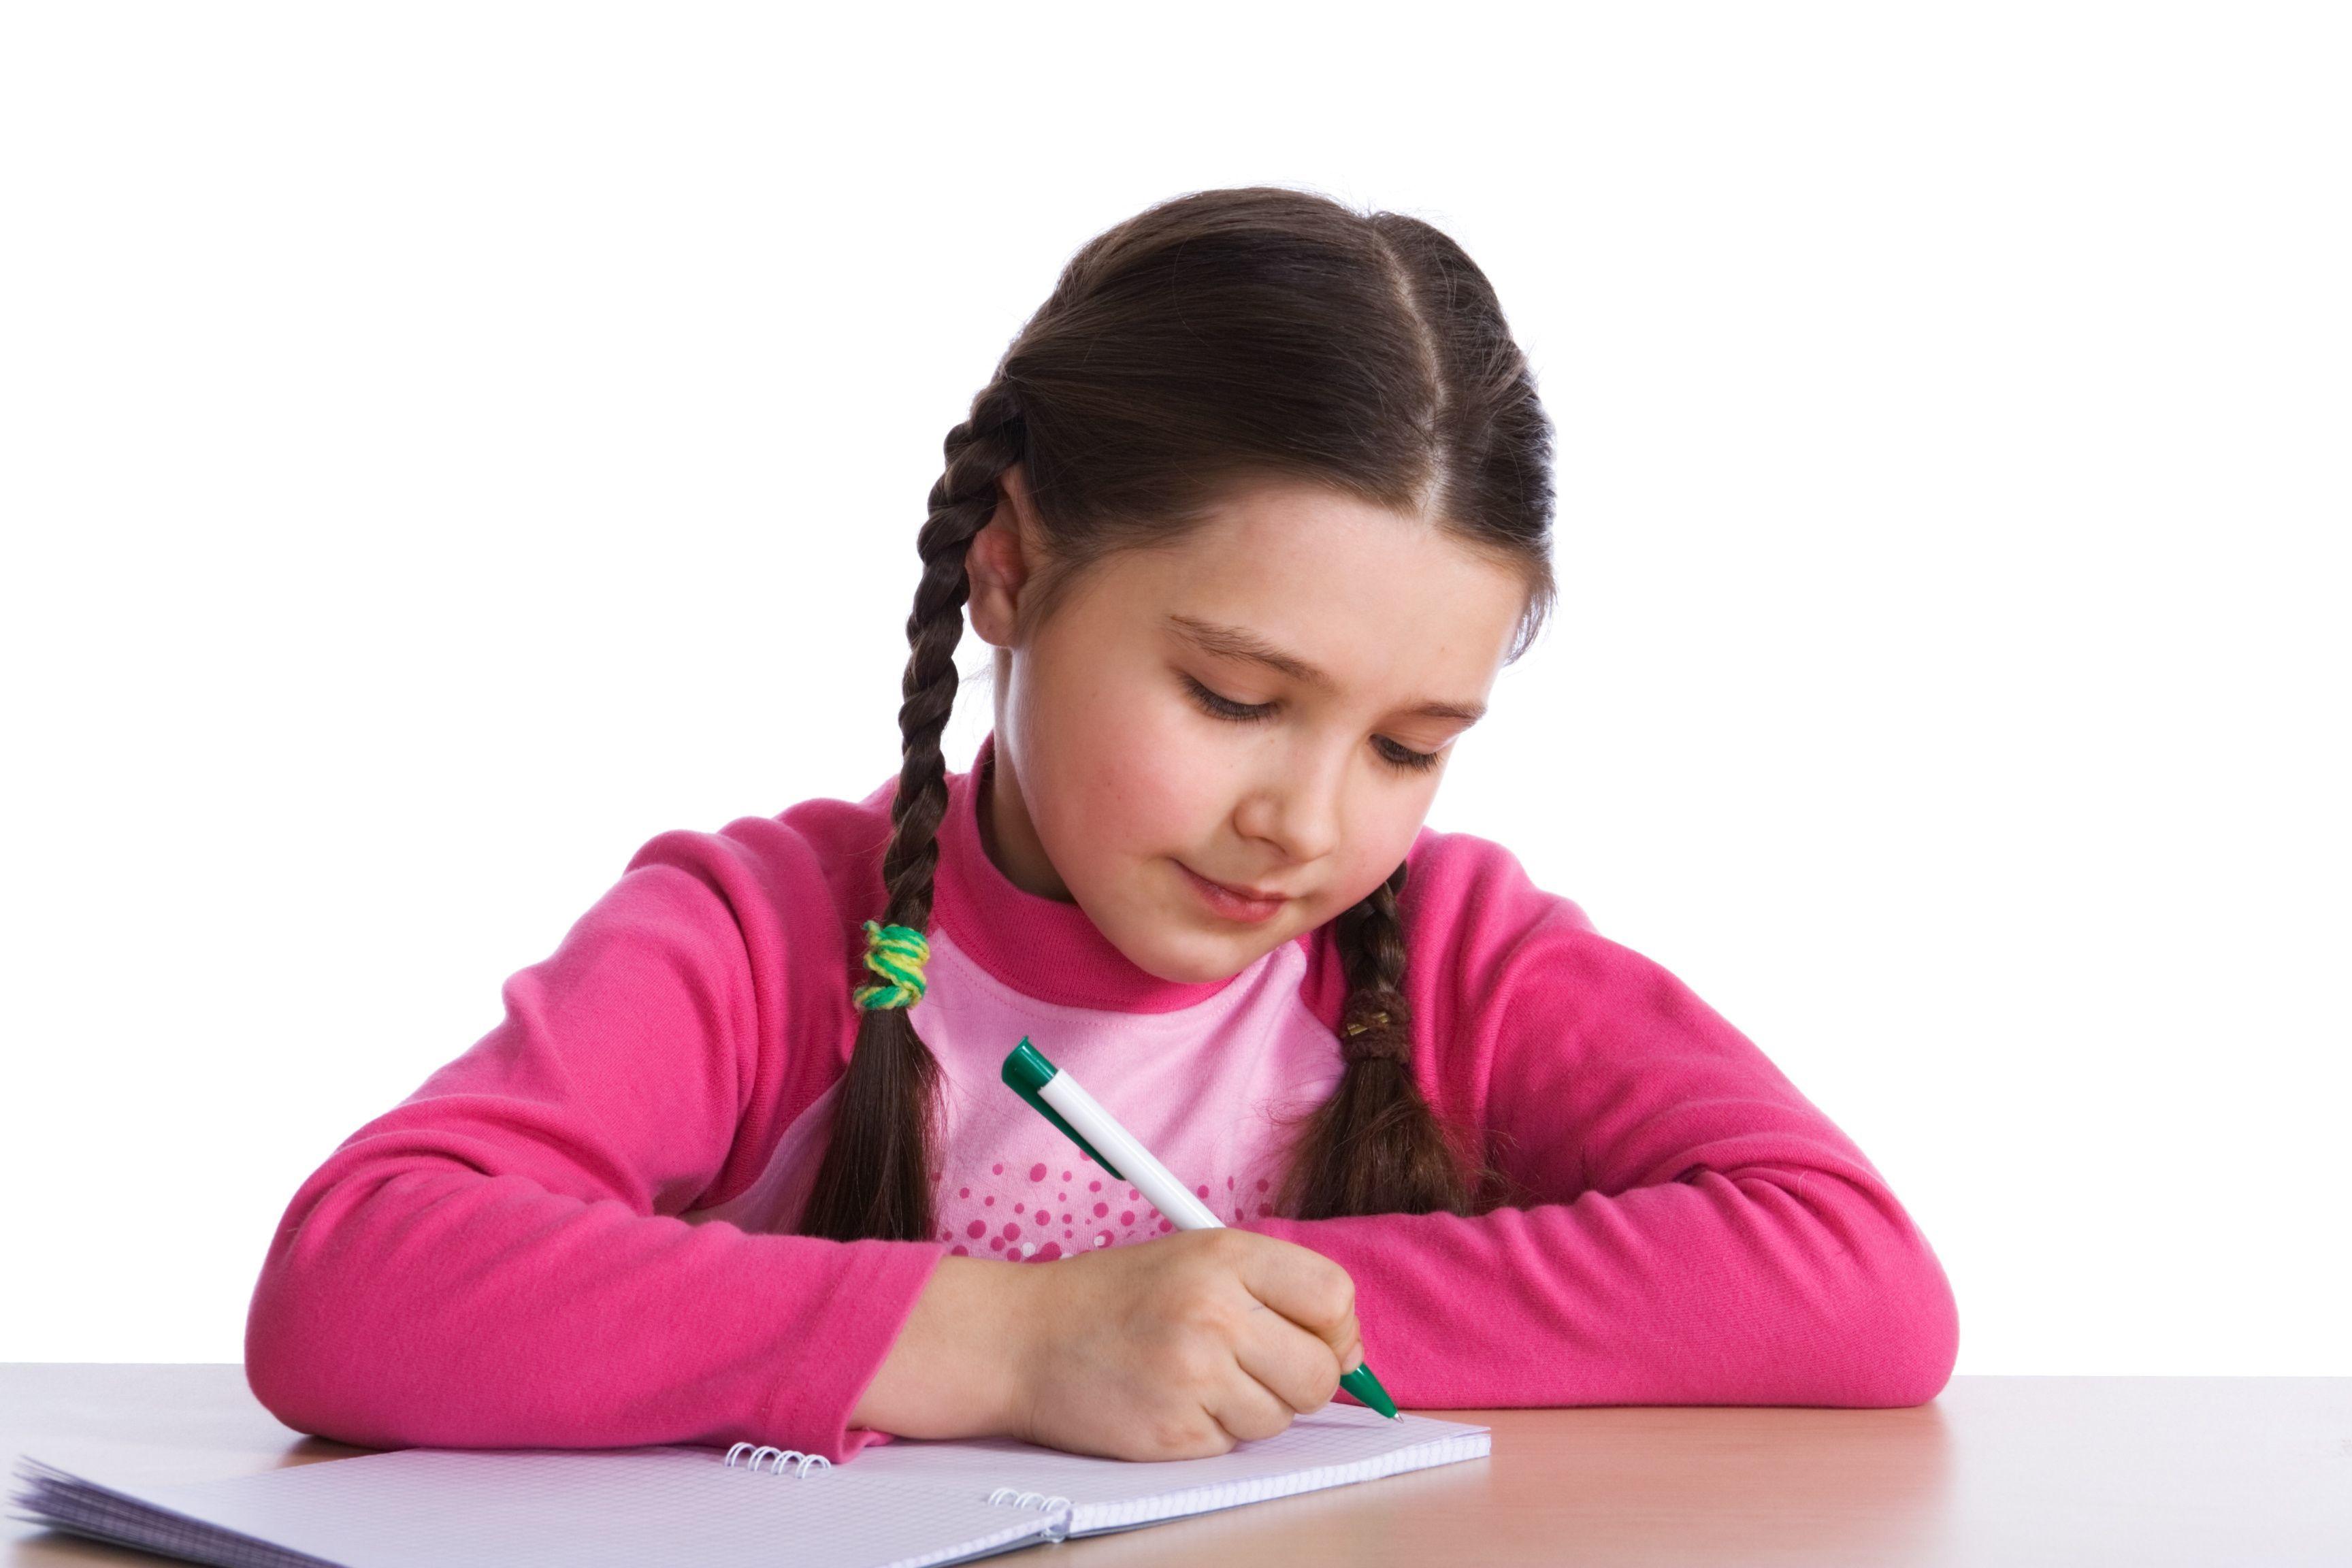 6. Menulis buku harian tentang apa disyukuri